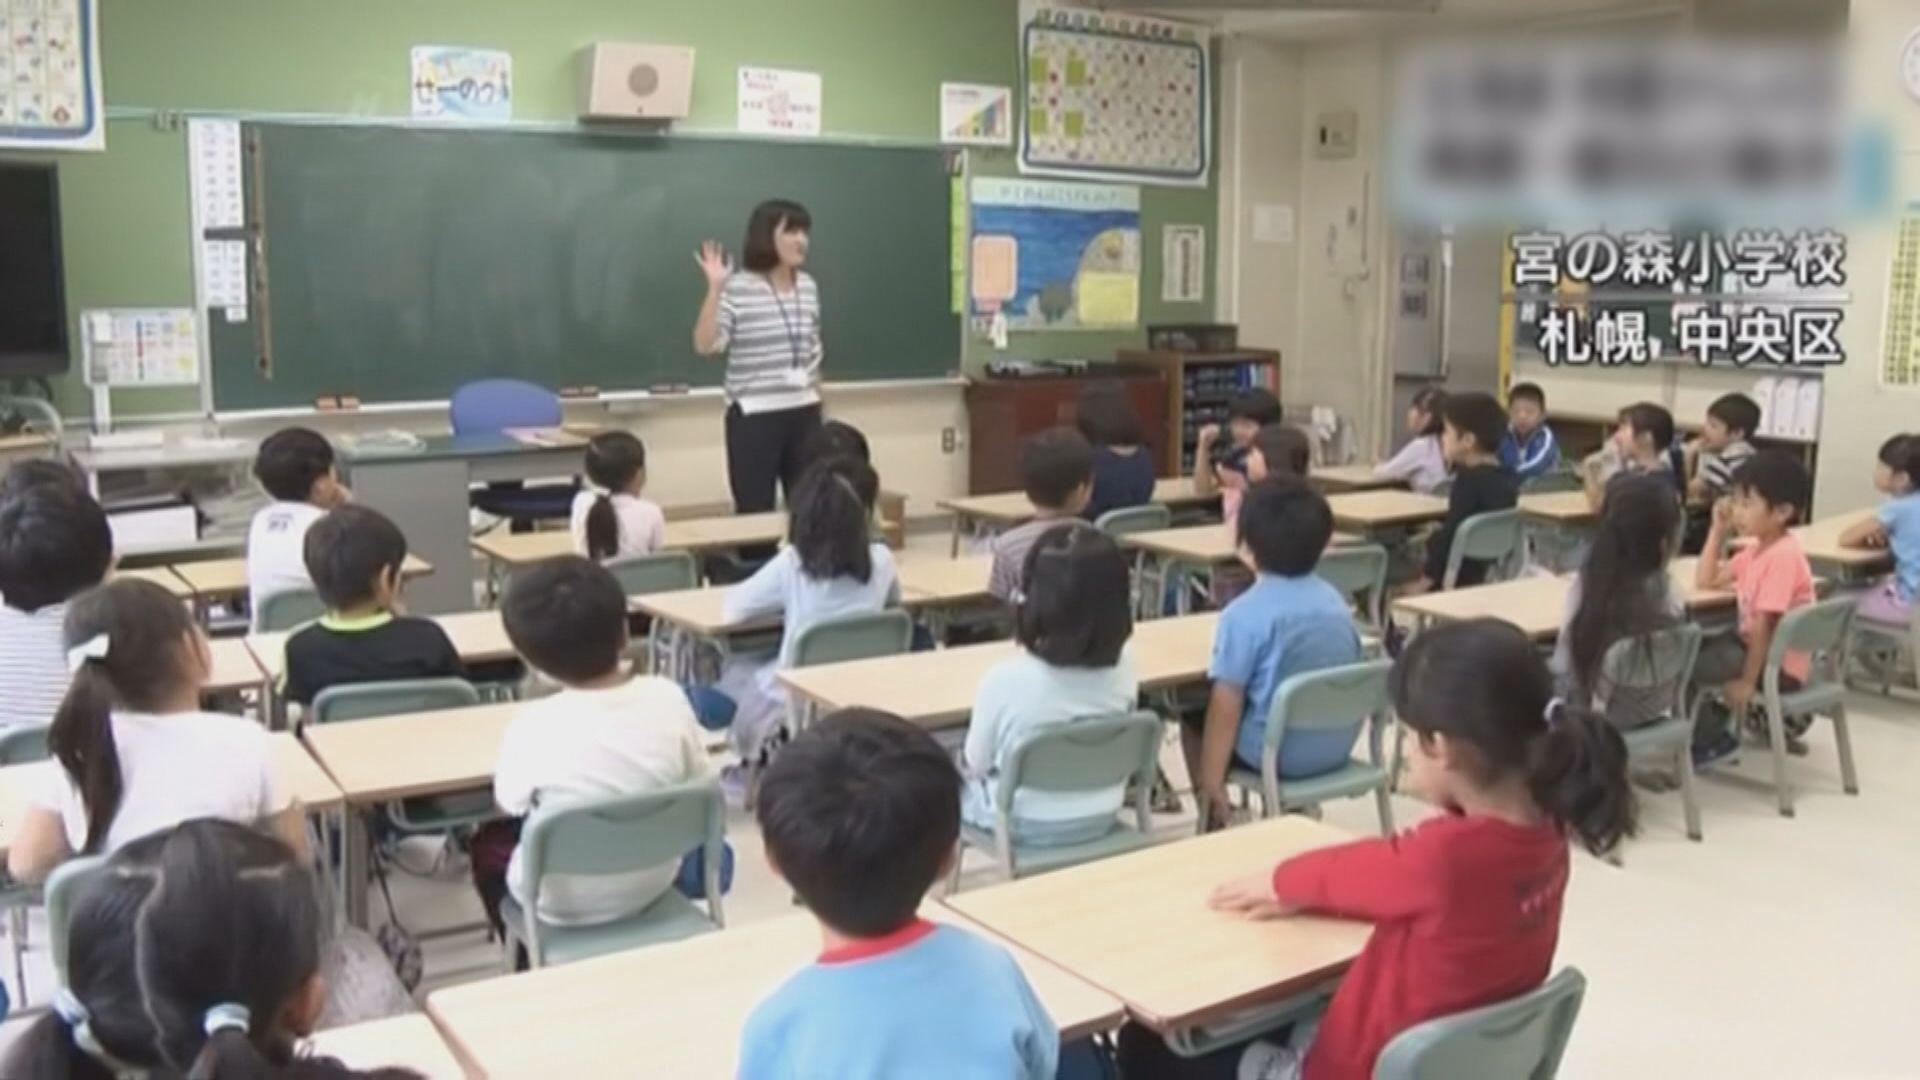 【環球薈報】日本老師全球最忙碌 花較多時間於課外活動